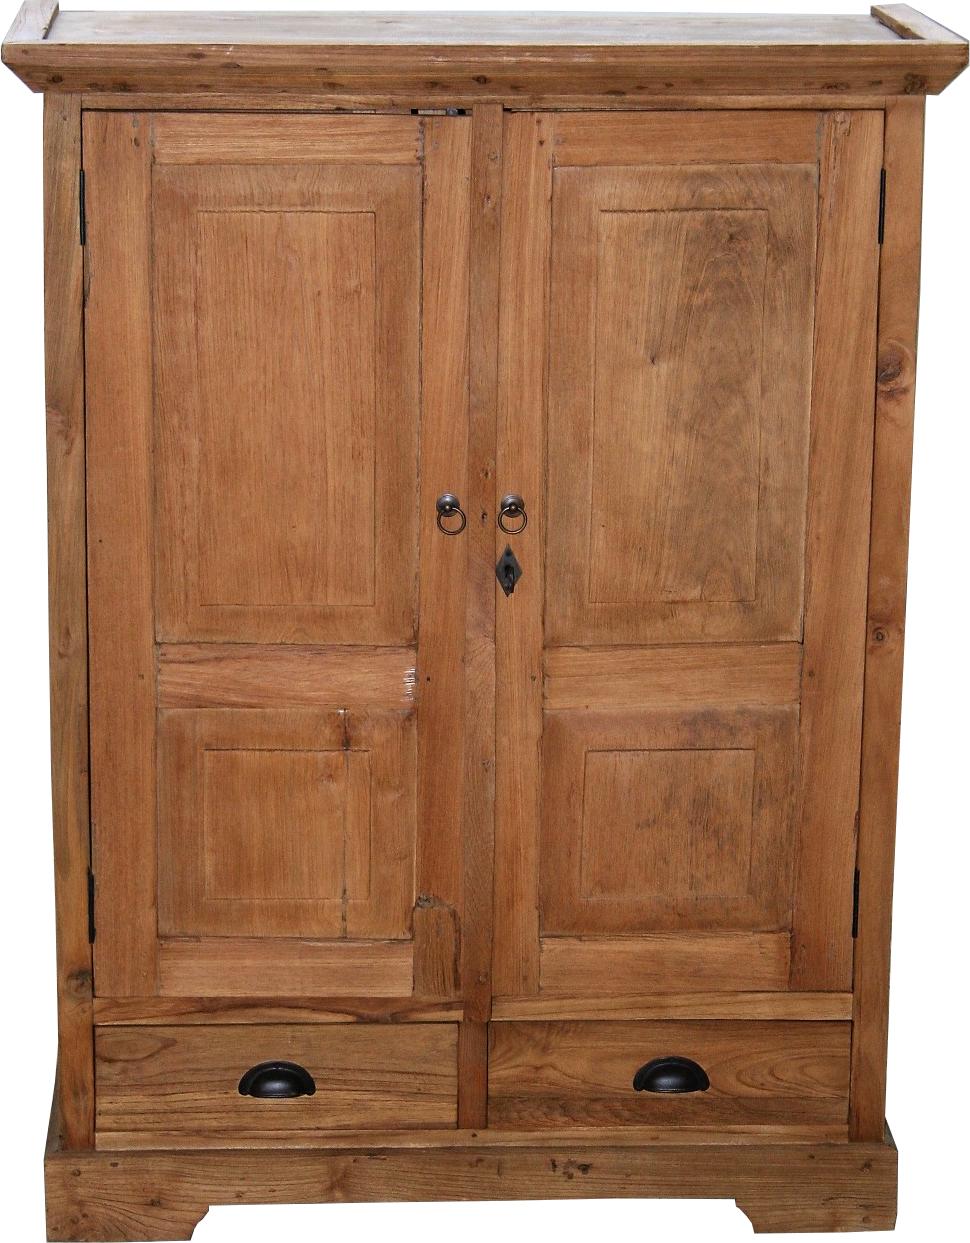 teakholz schrank vintage. Black Bedroom Furniture Sets. Home Design Ideas